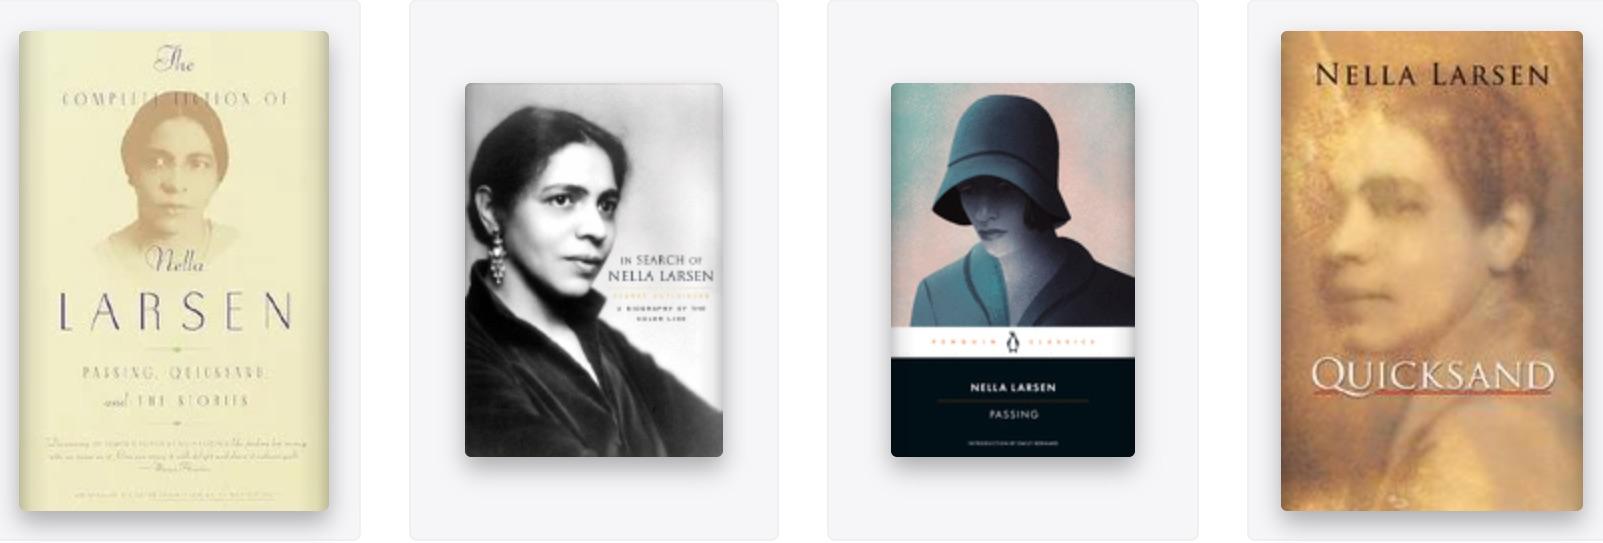 Nella Larsen books